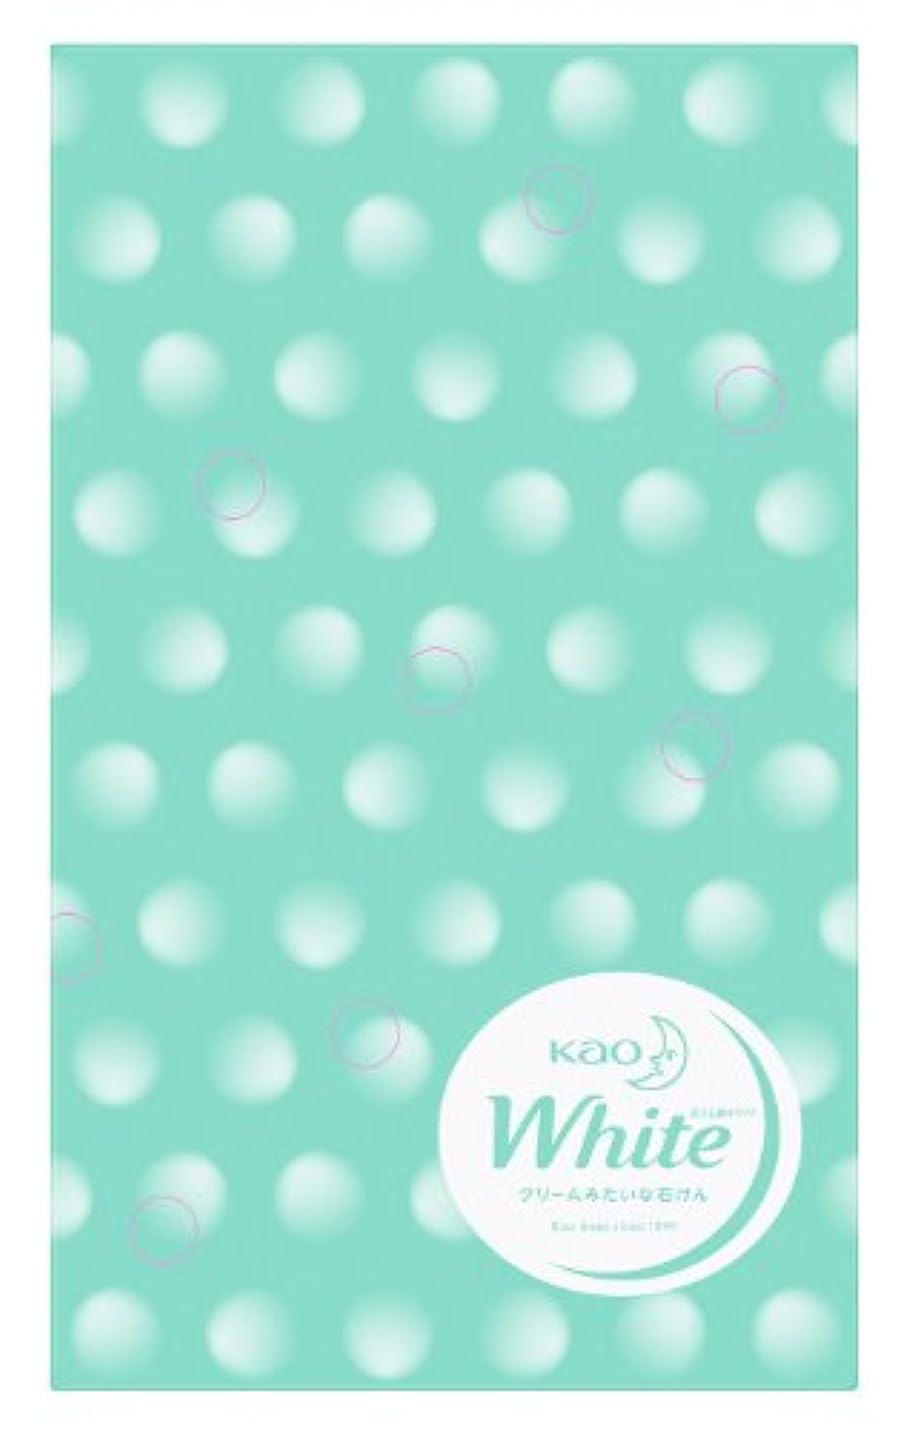 常習者チラチラするどれでも花王ホワイト 普通サイズ 10コ包装デザイン箱